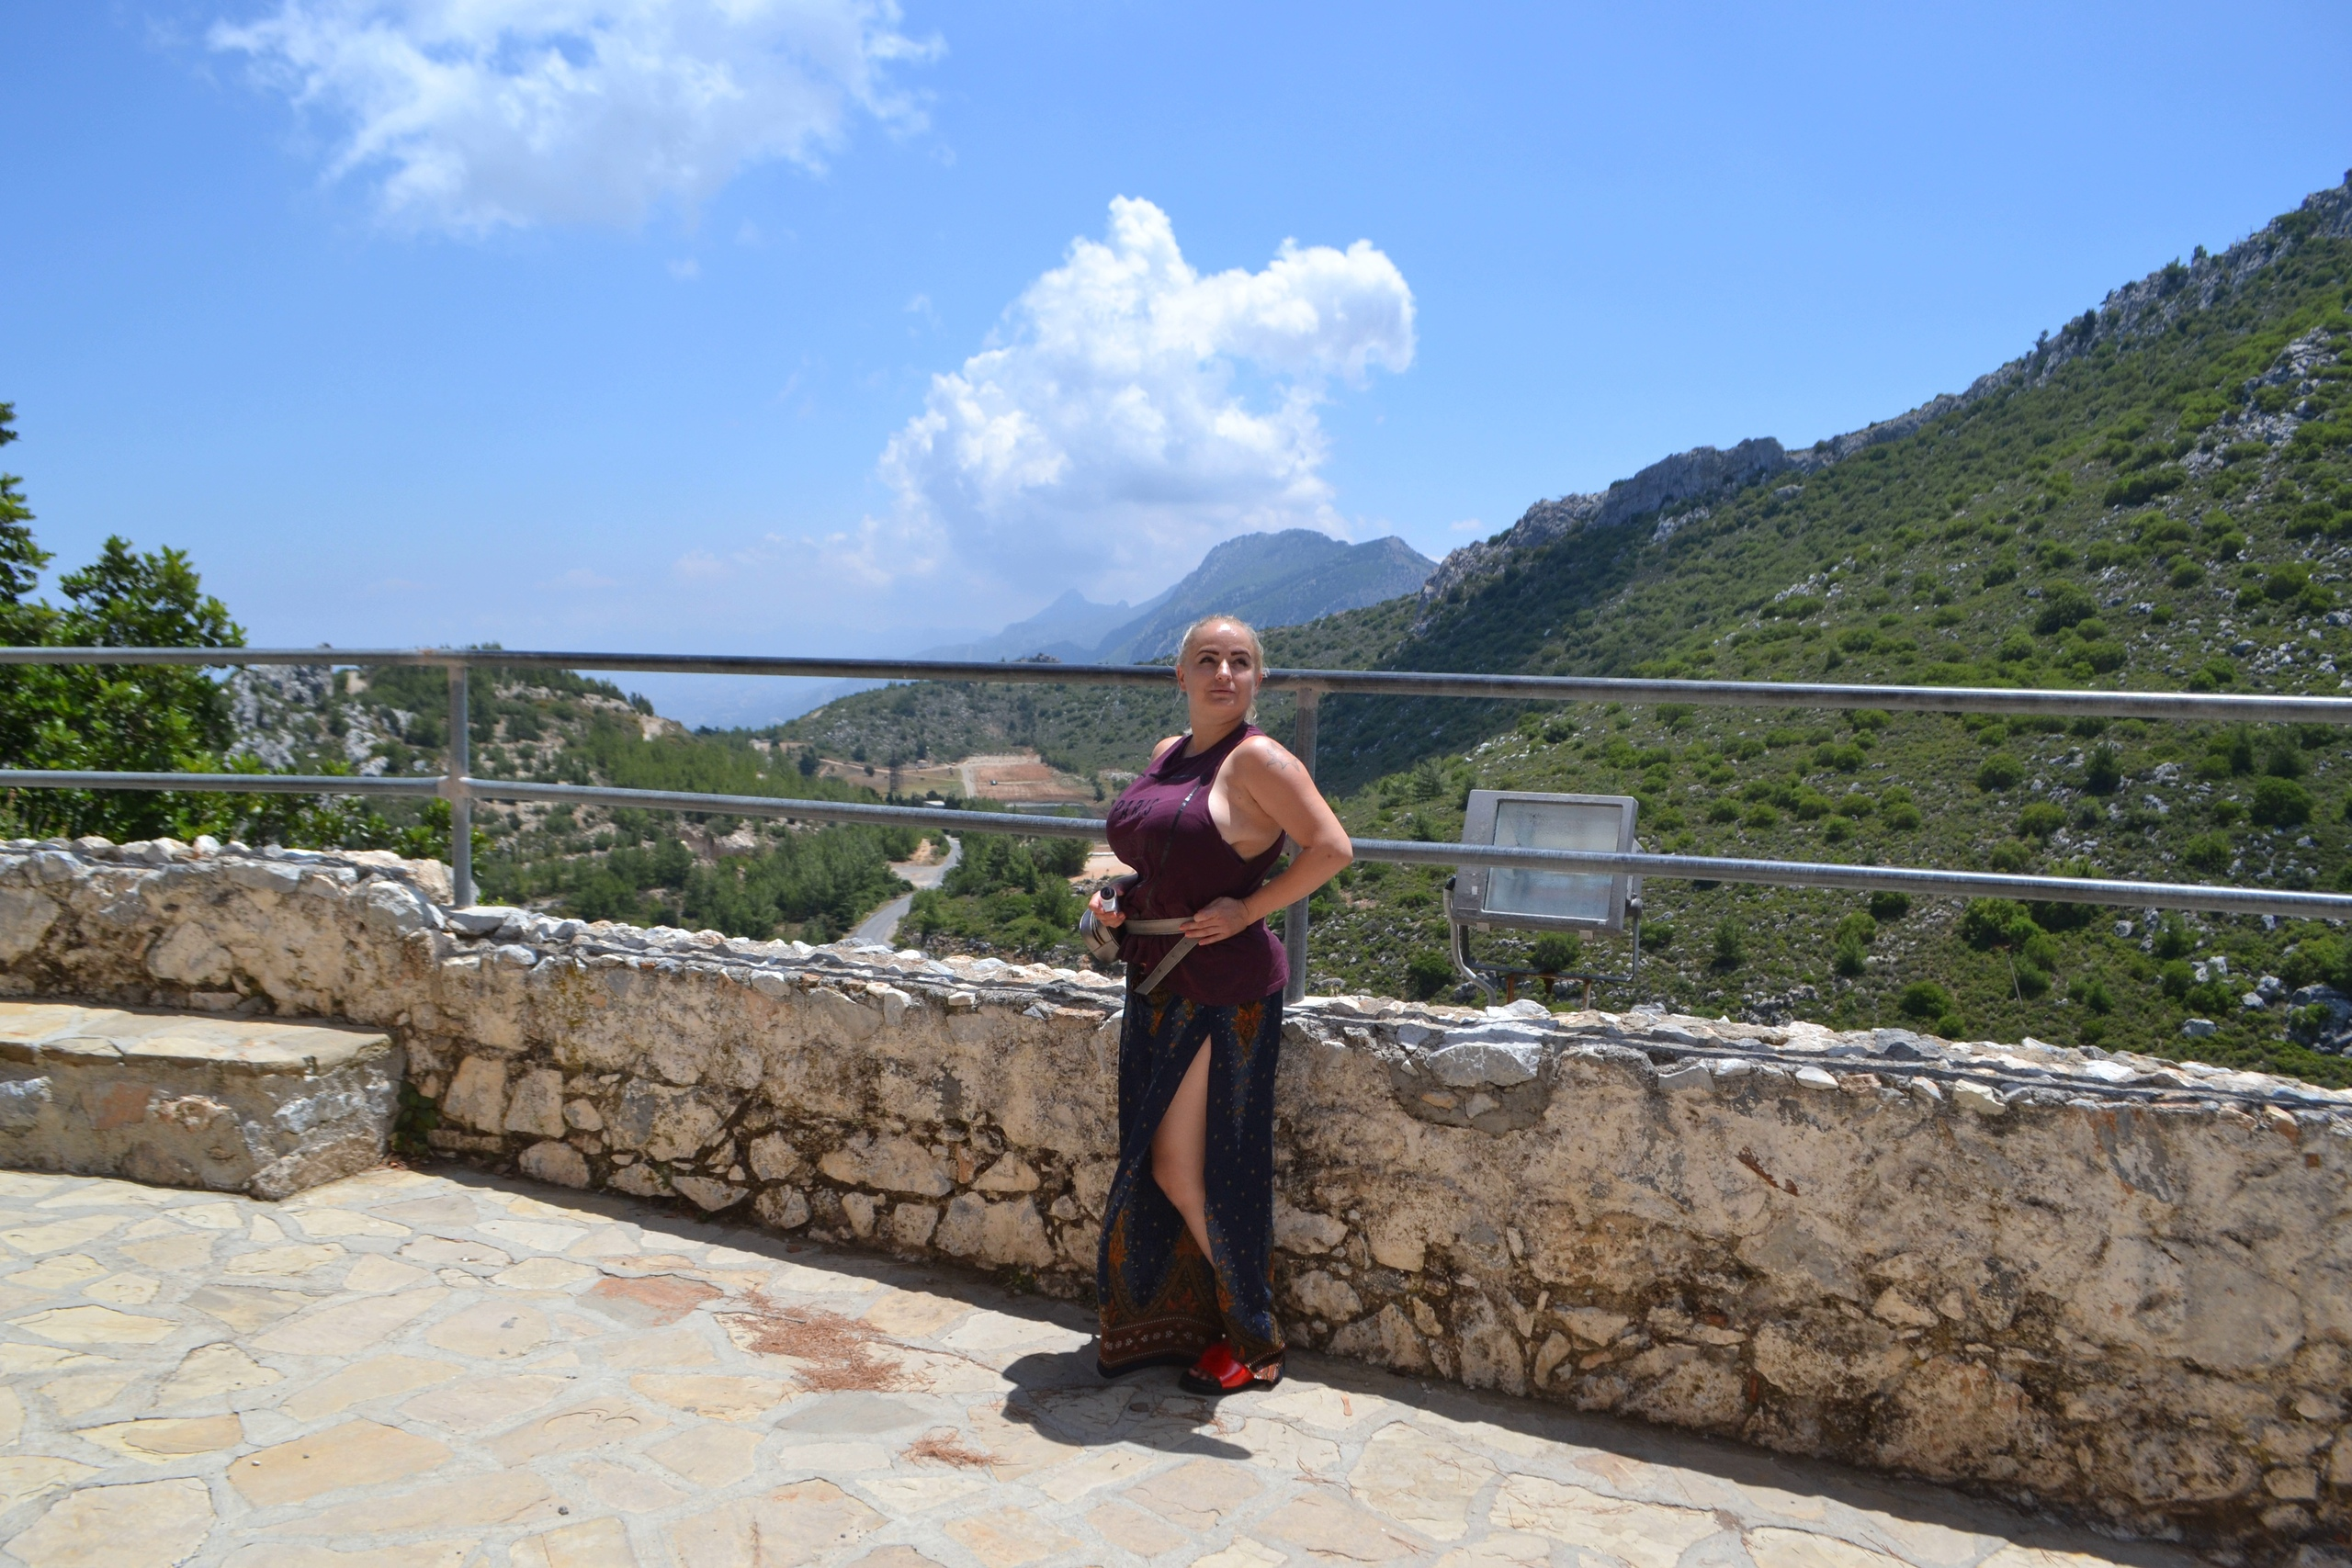 Северный Кипр. Замок Святого Иллариона. (фото). GCeCbipOa68